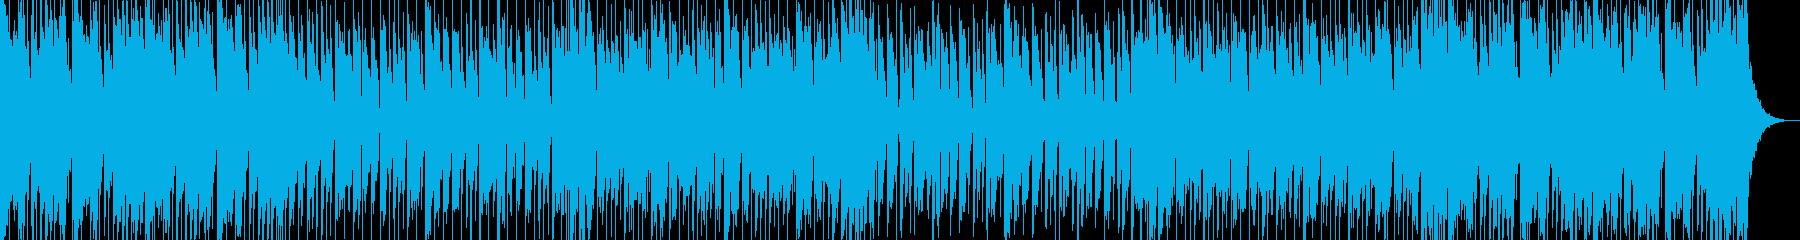 ディスコサウンドなんの再生済みの波形